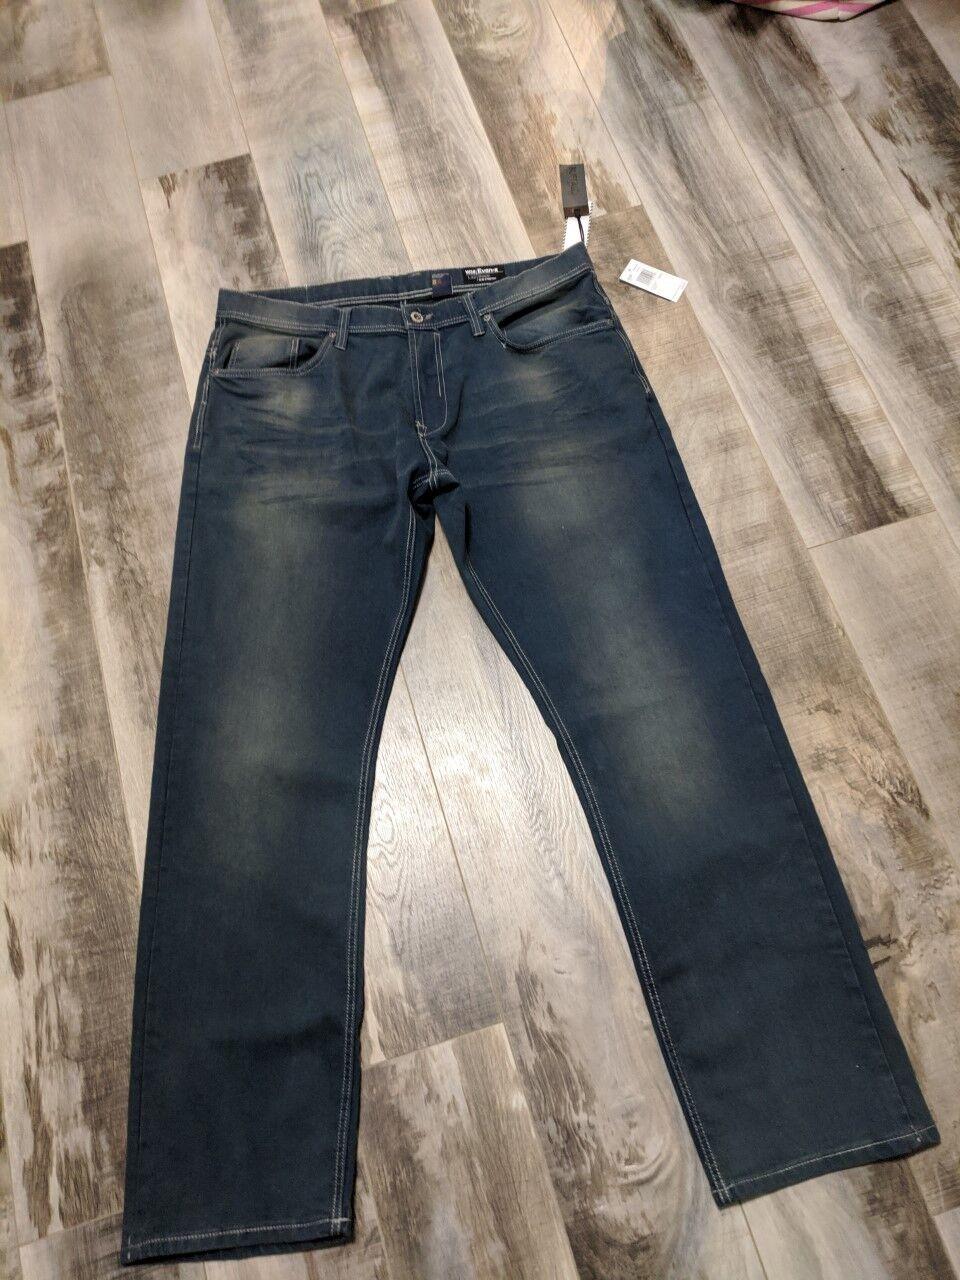 Mens David Bitton Jeans Size 38 x 32